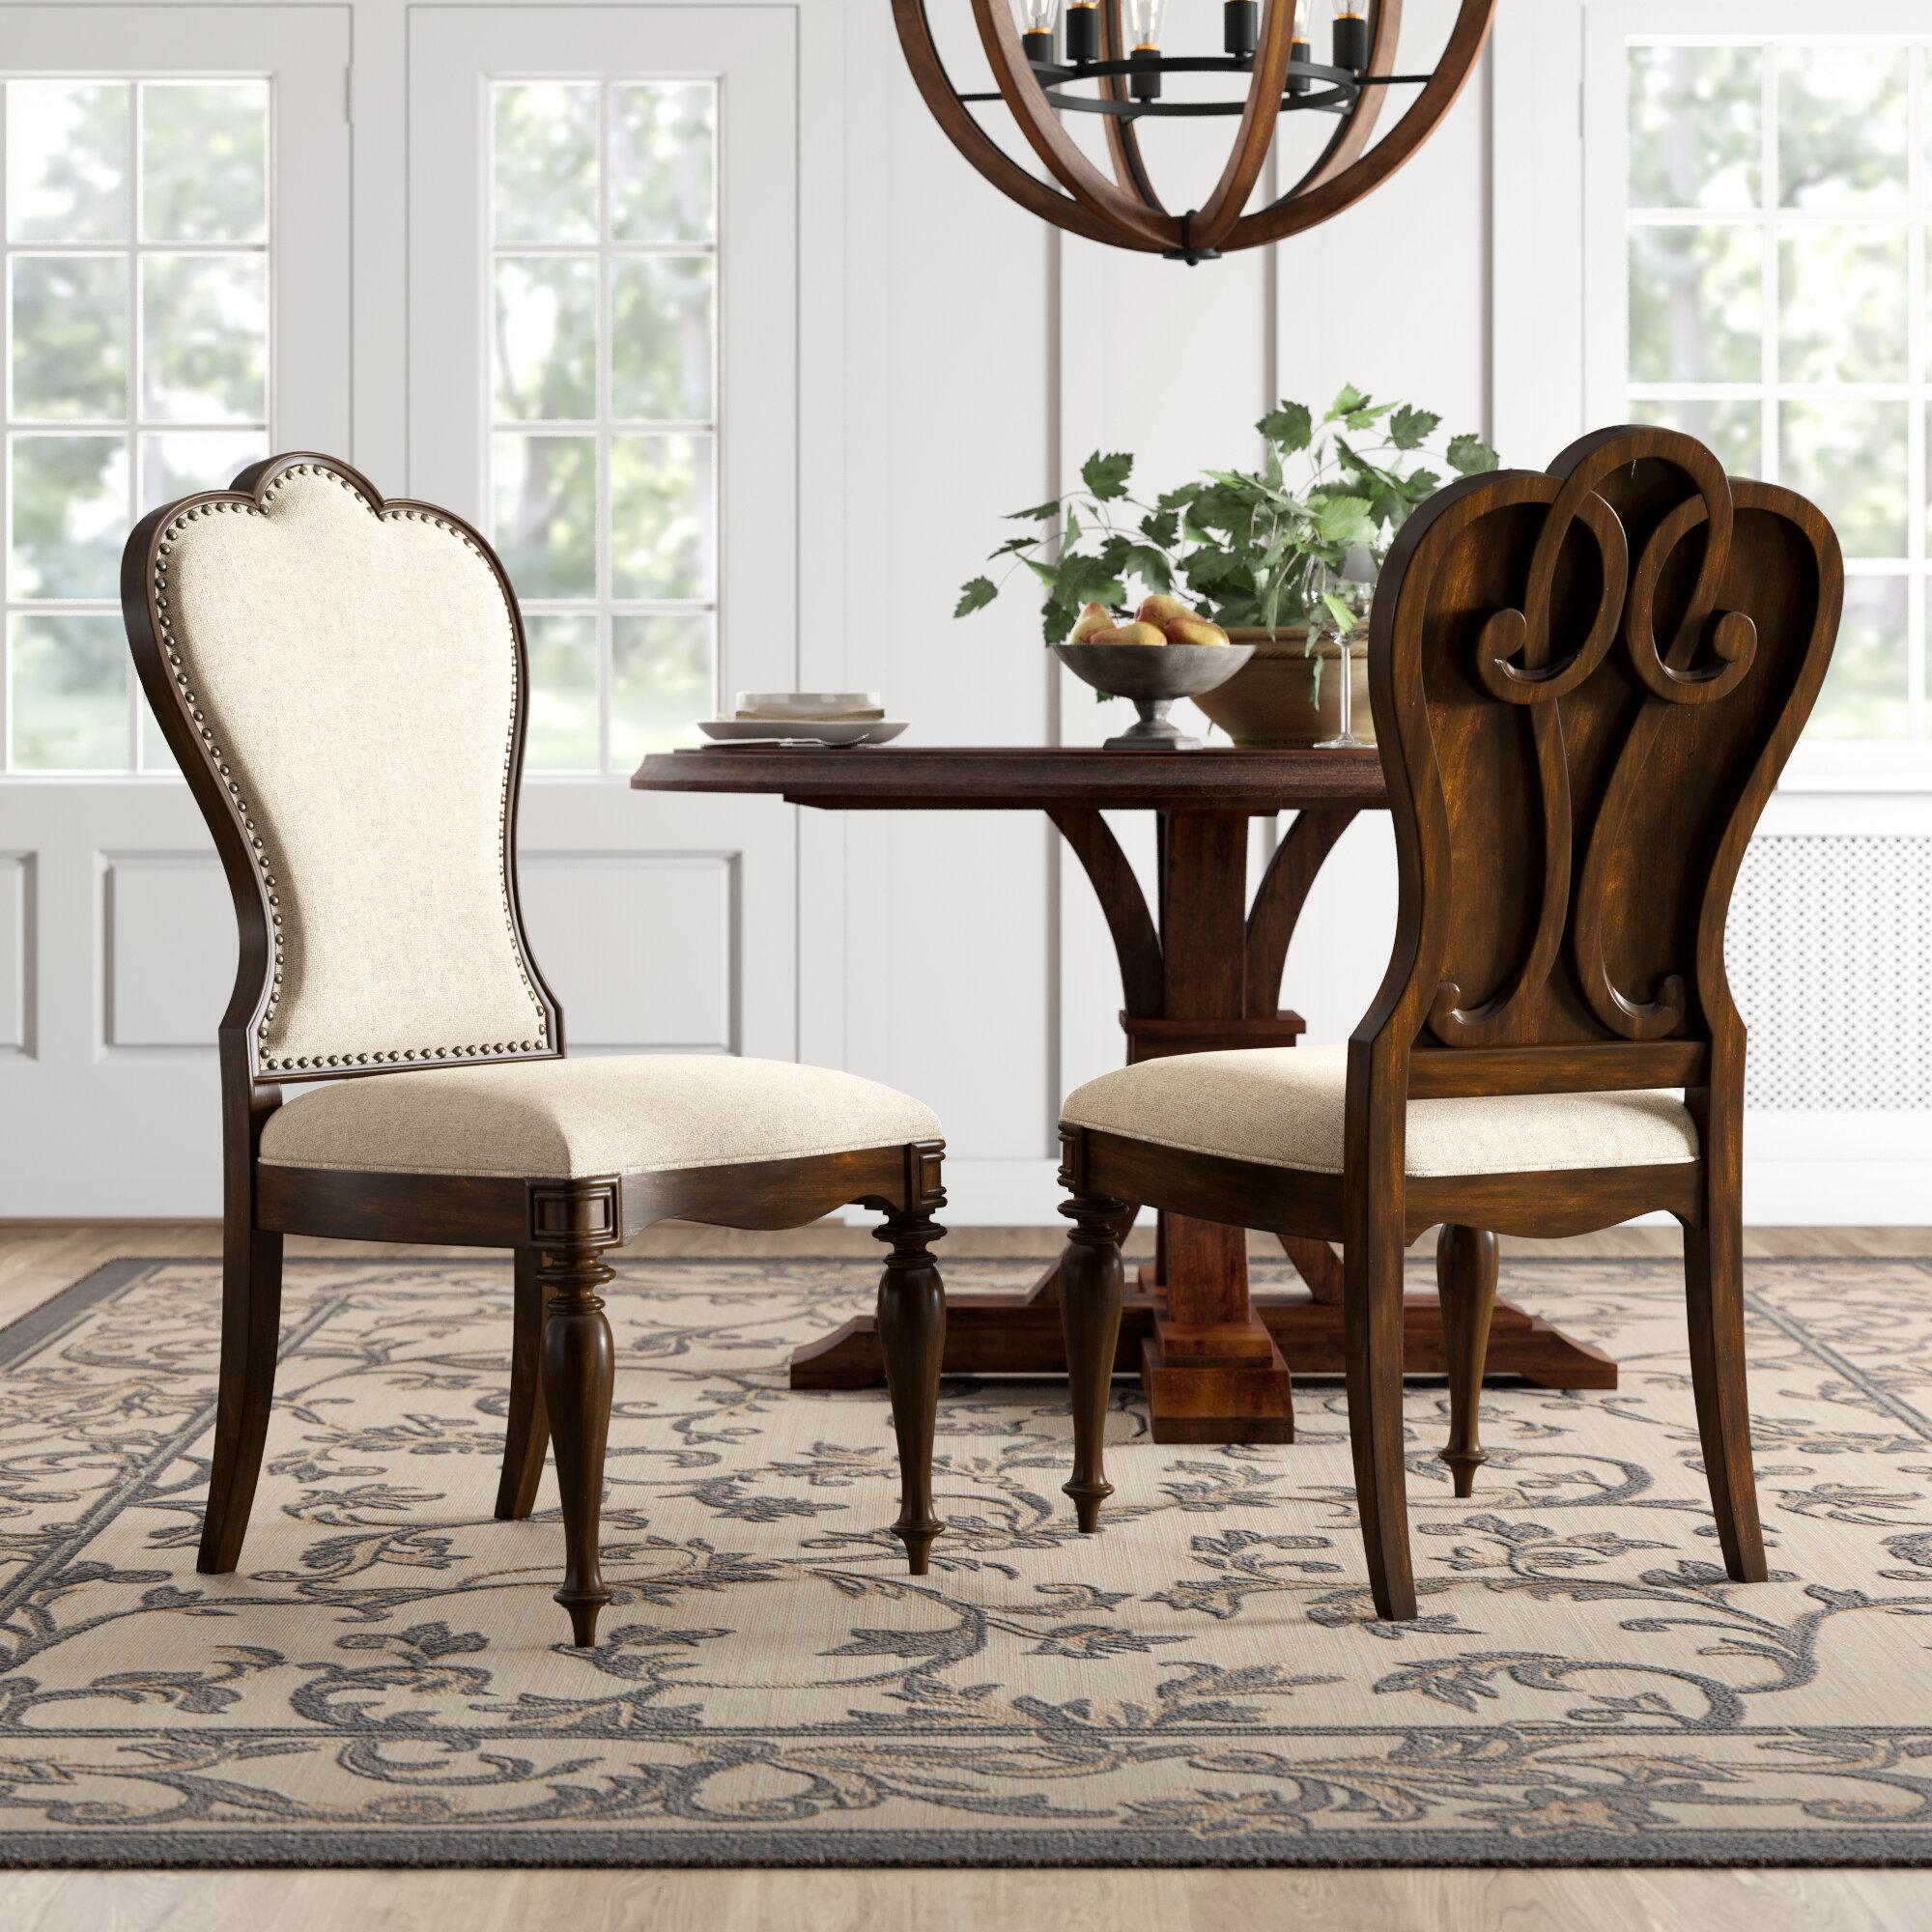 Hooker Furniture Leesburg Upholstered Dining Chair In Cream Reviews Wayfair